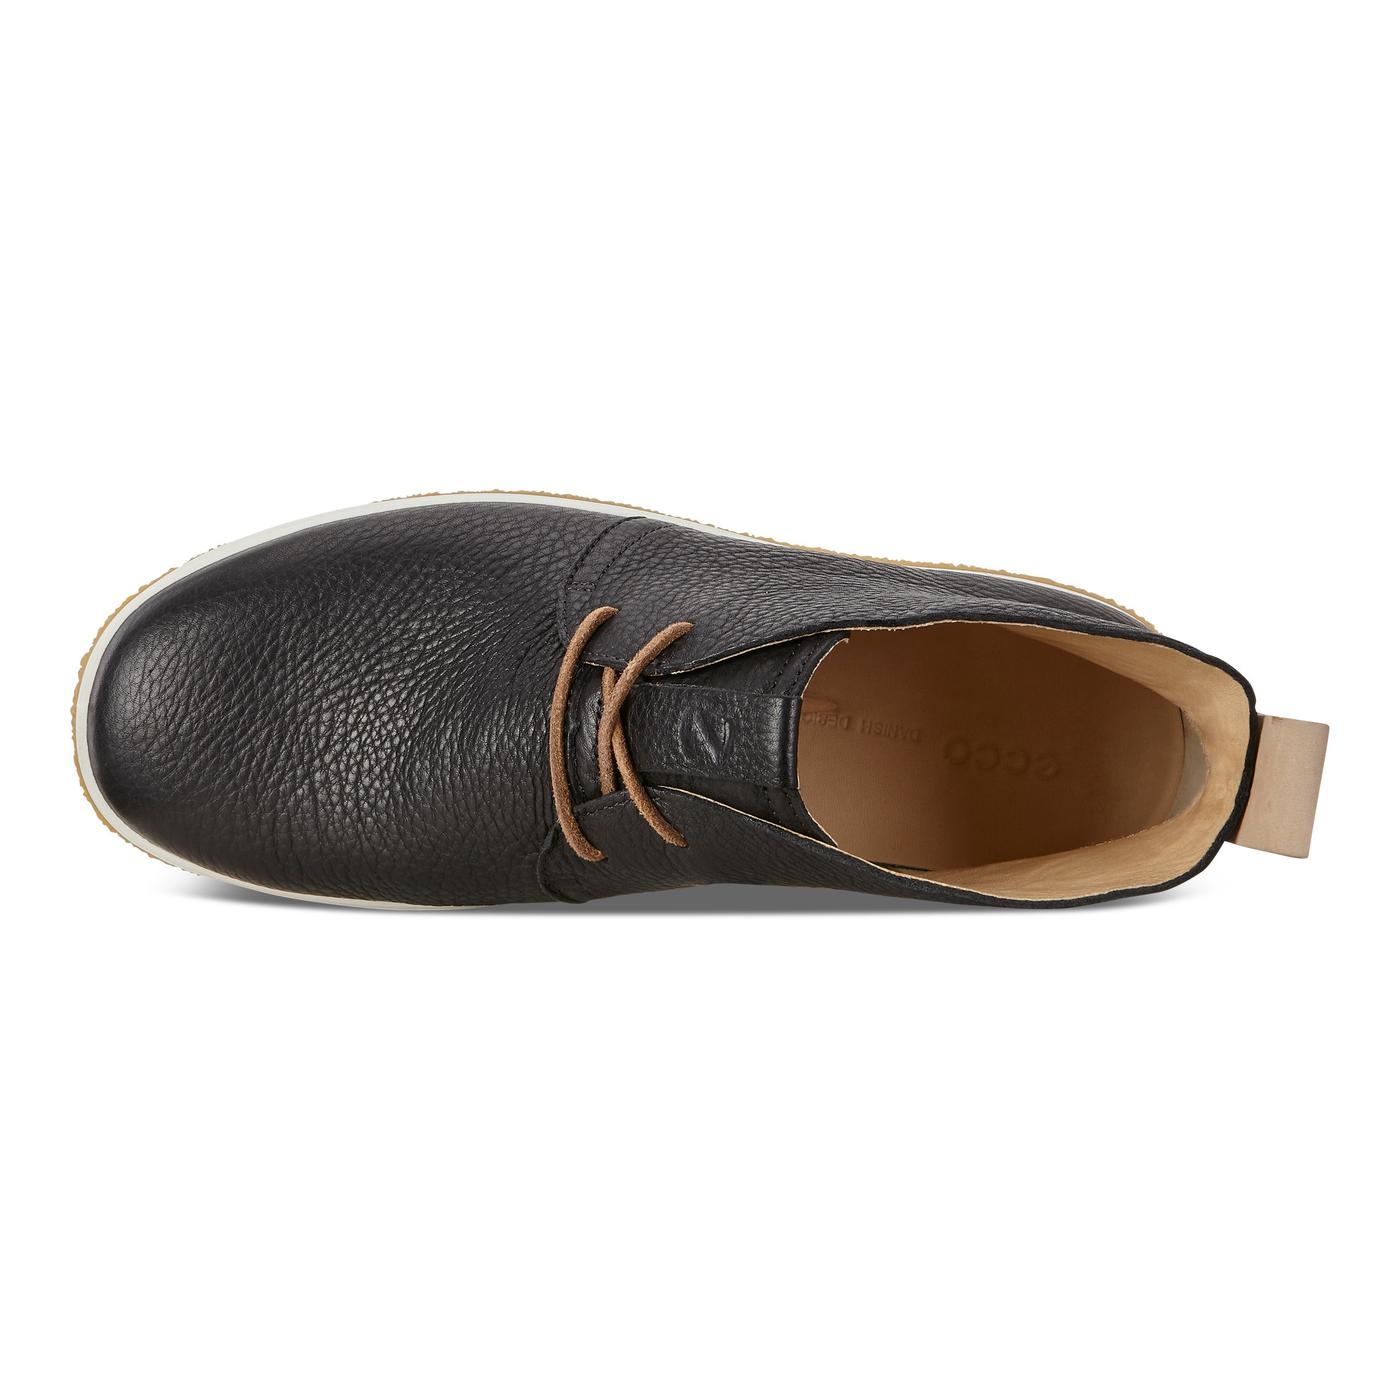 ECCO CREPETRAY Mens Desert Boots